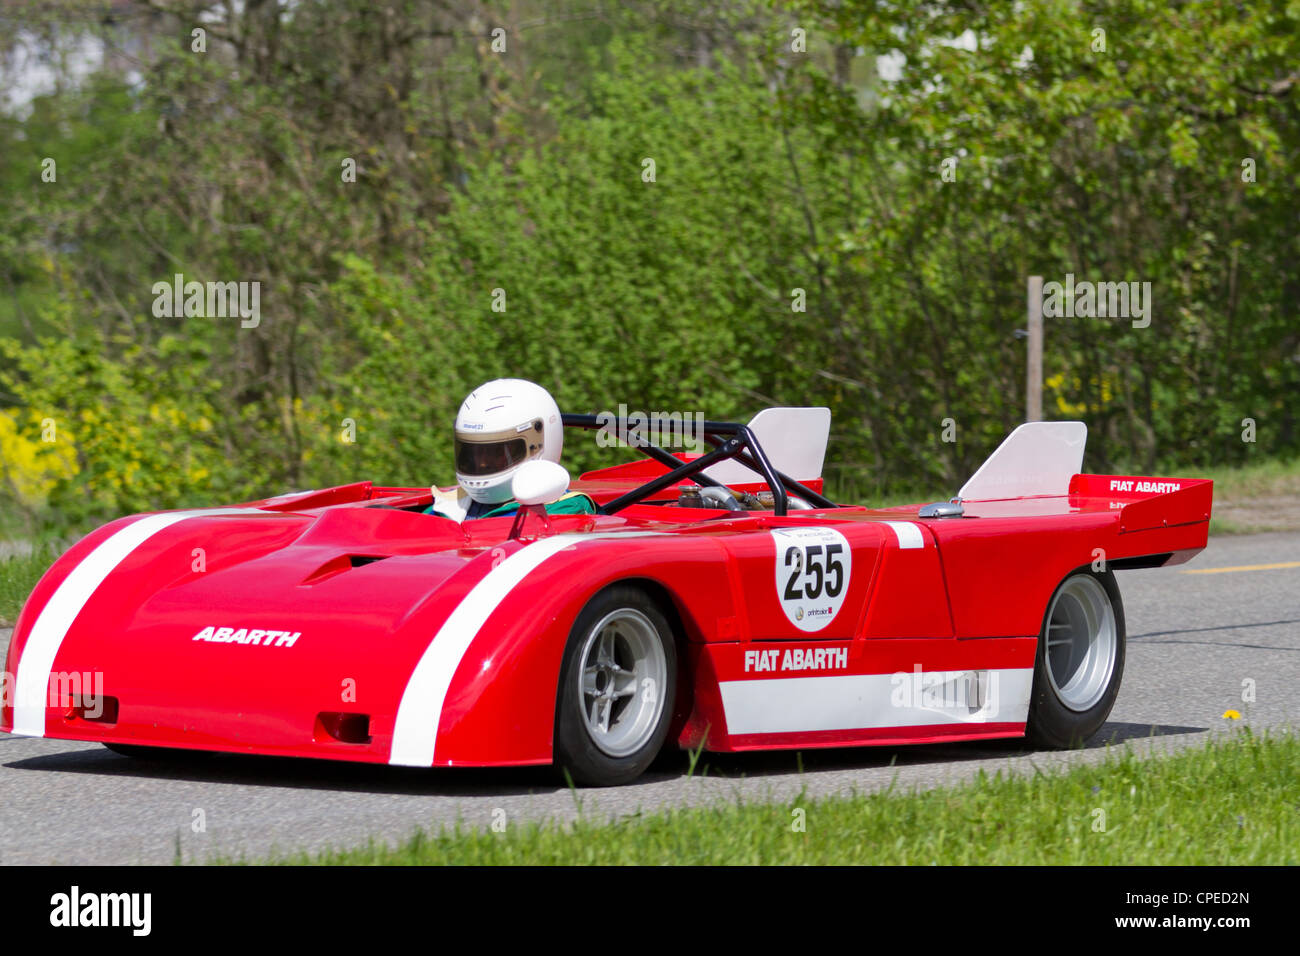 Mutschellen Switzerland April 29 Vintage Race Car Fiat Abarth V8